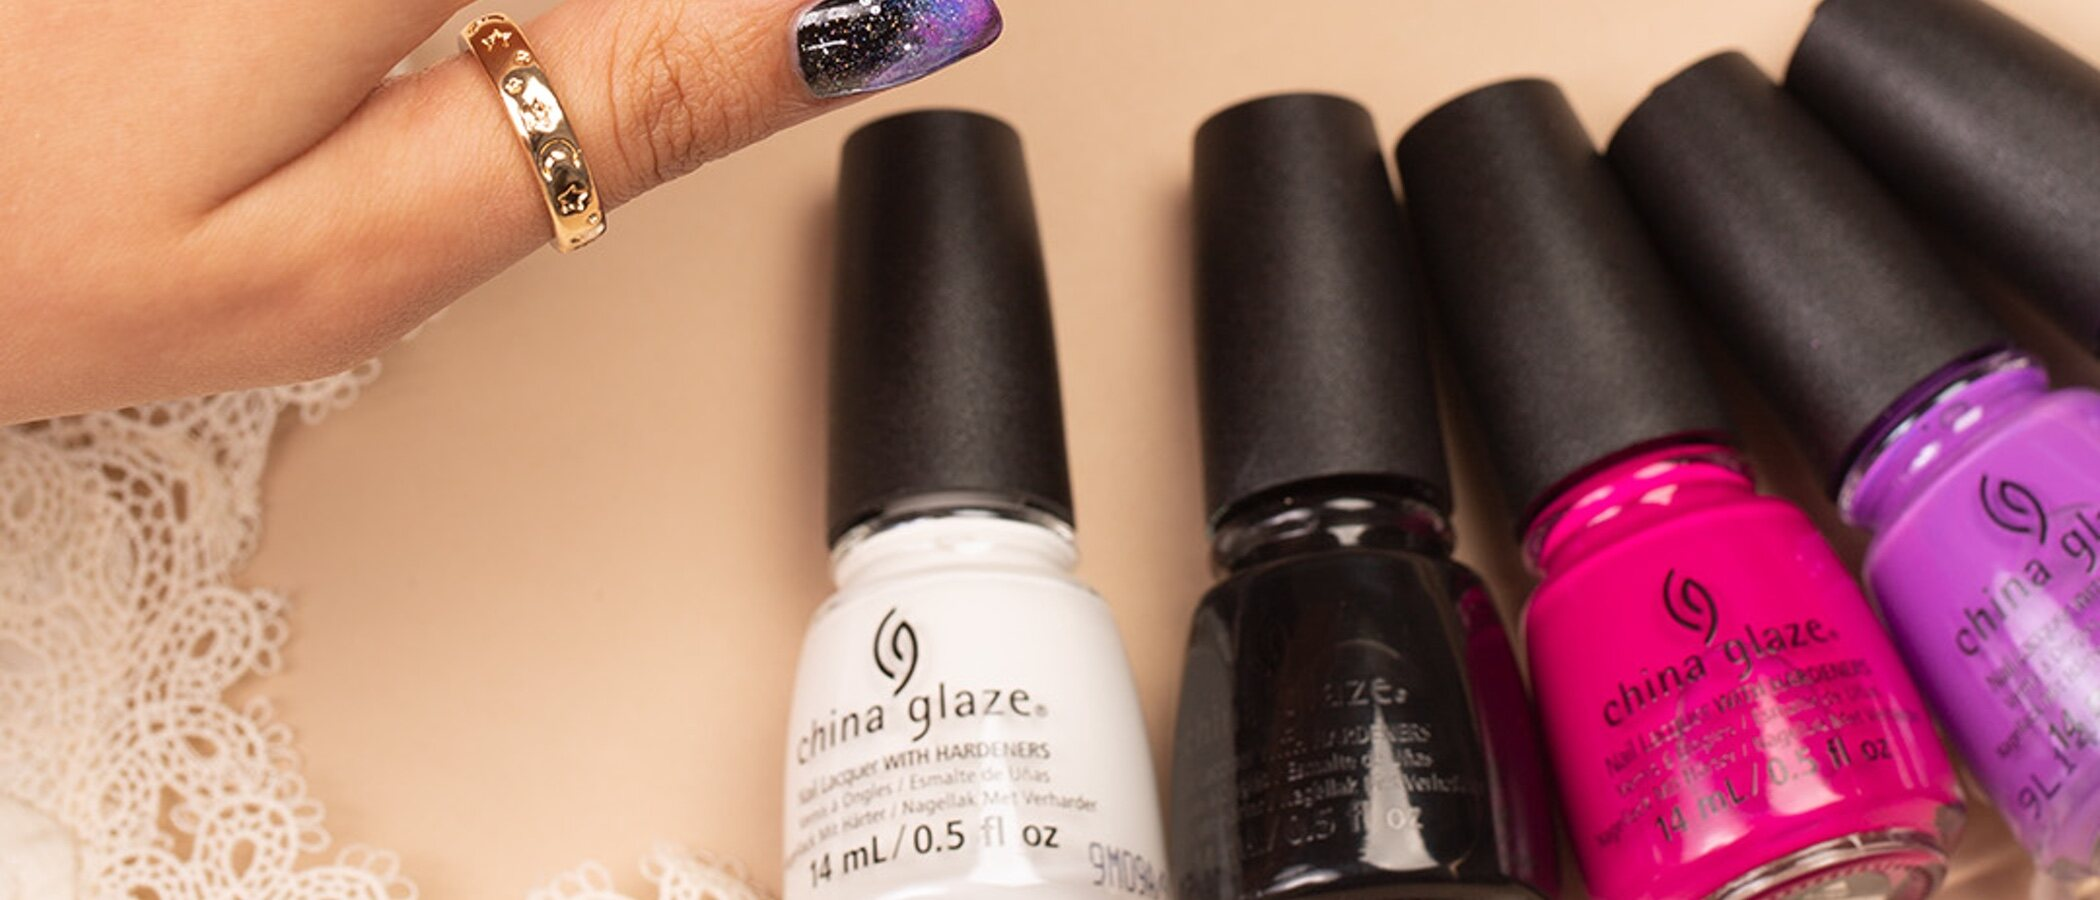 Manicura profesional en casa con los esmaltes China Glaze